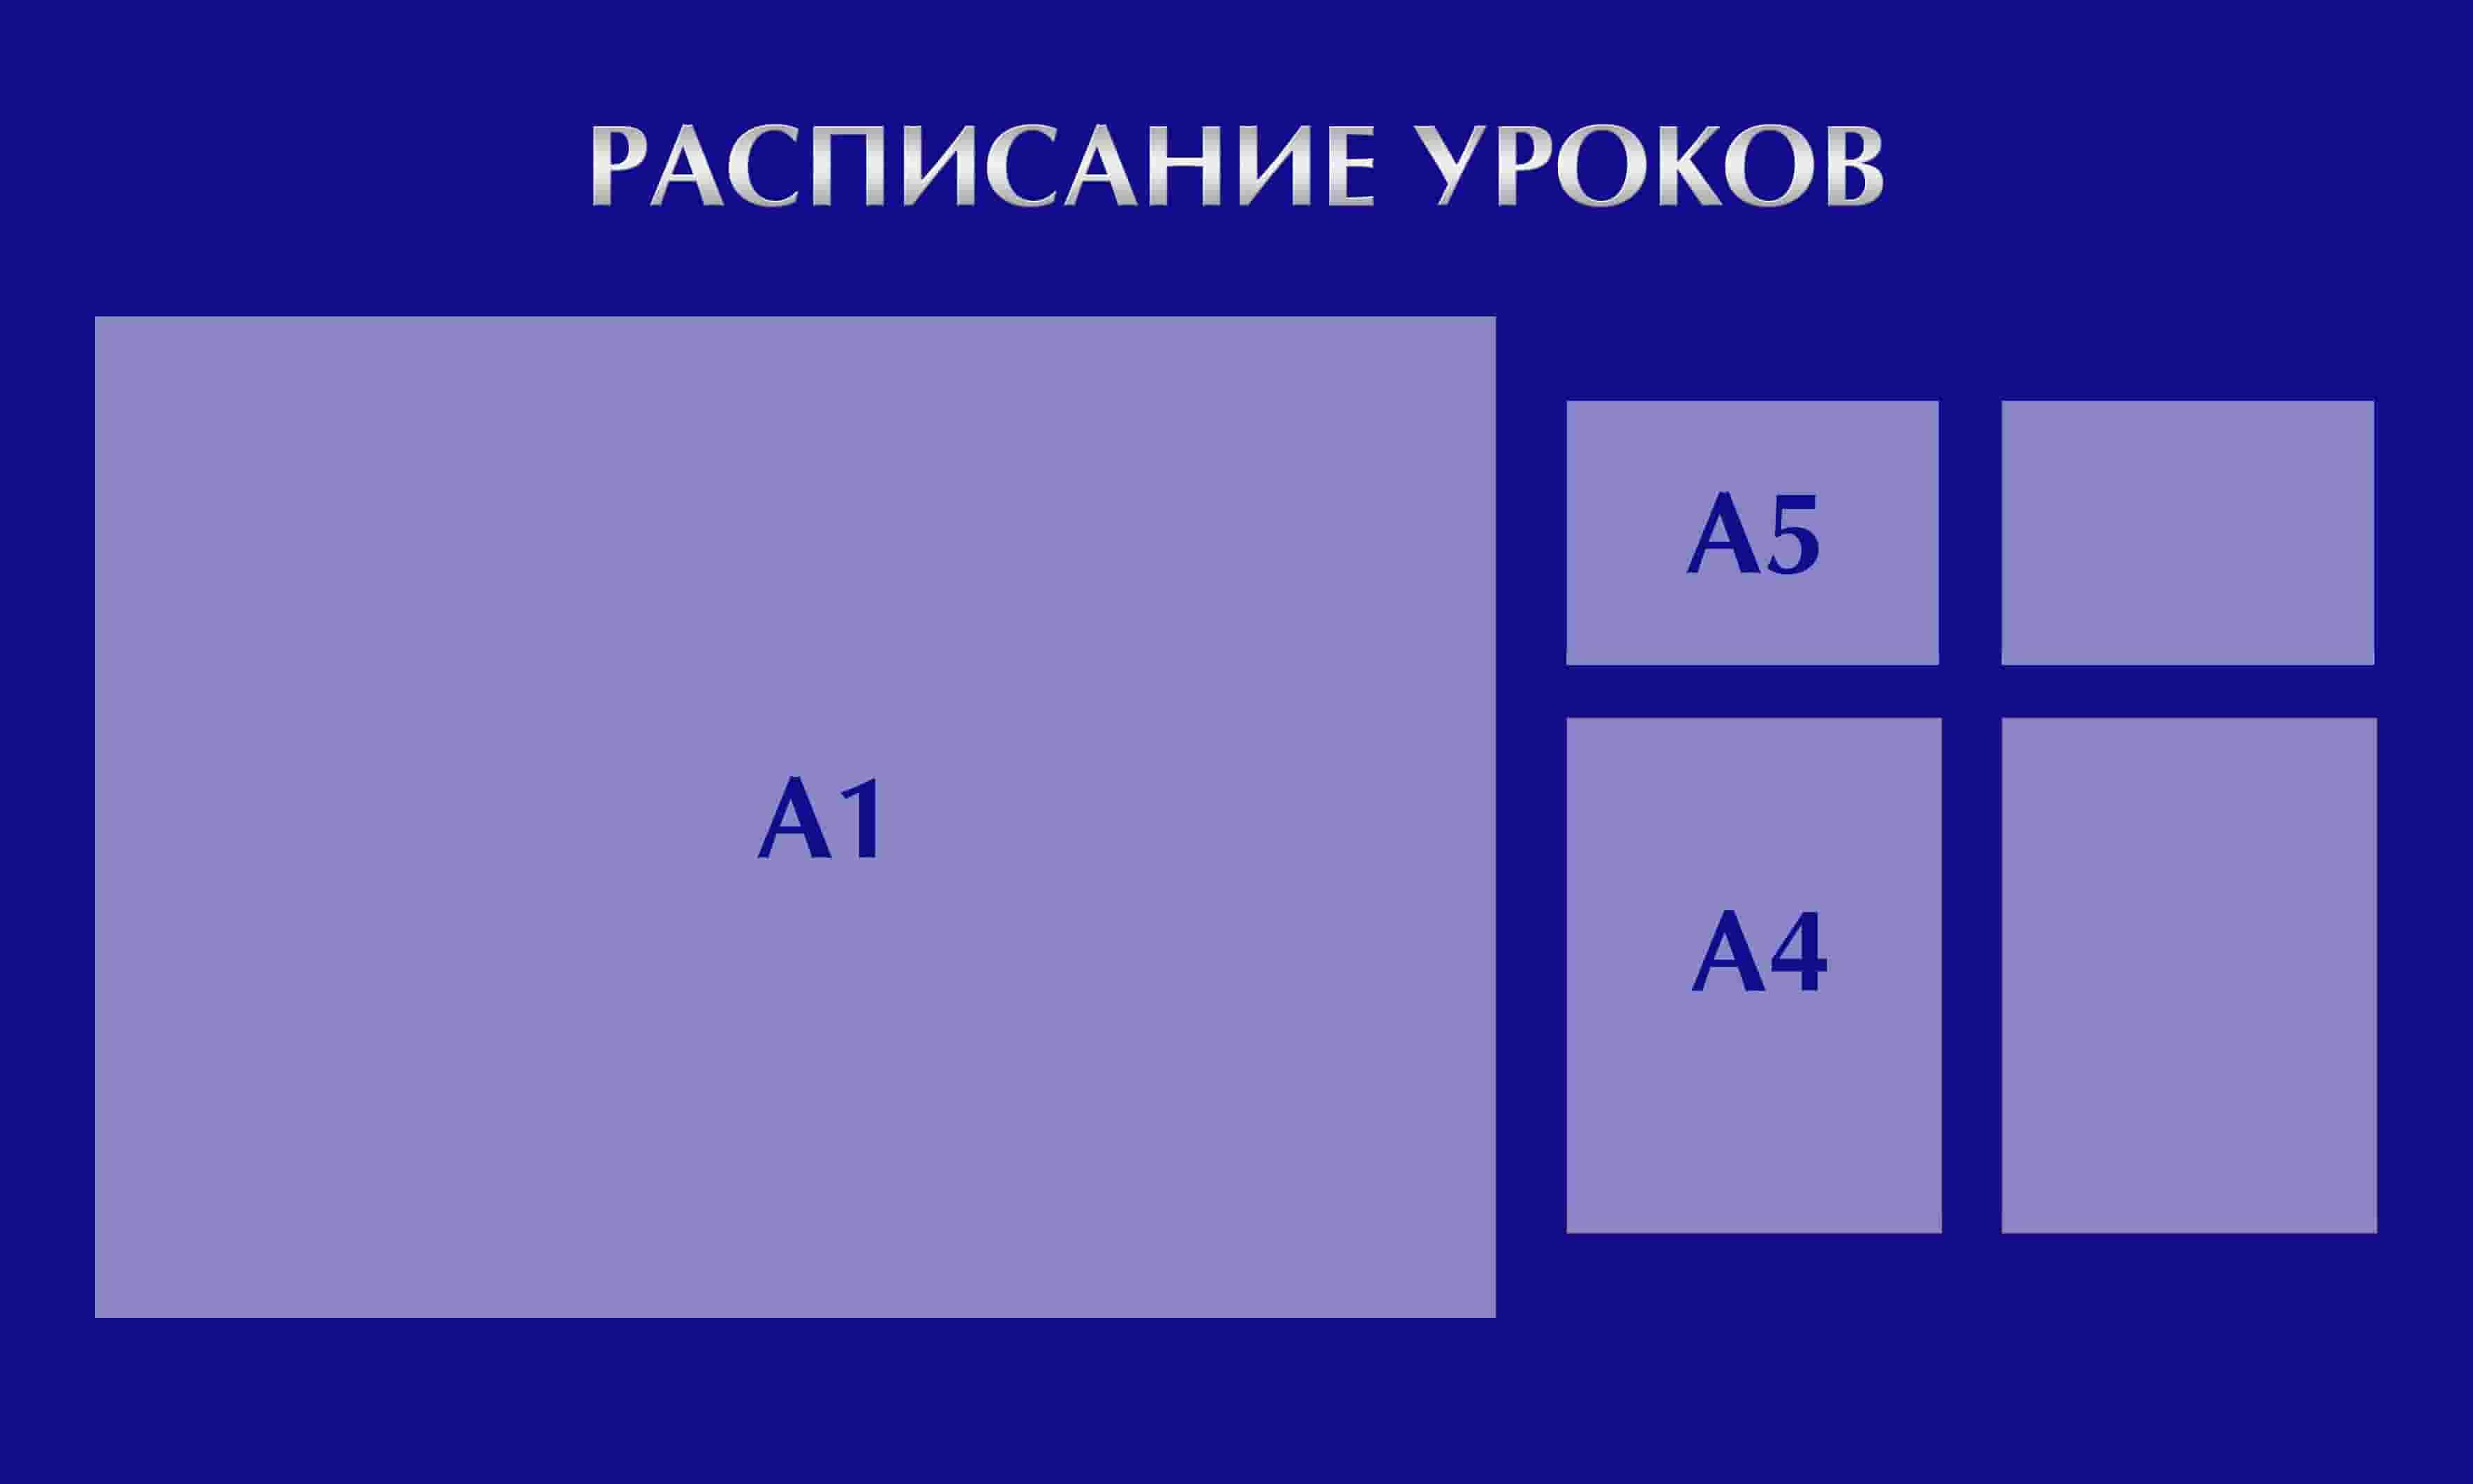 raspisanie-urokov-150